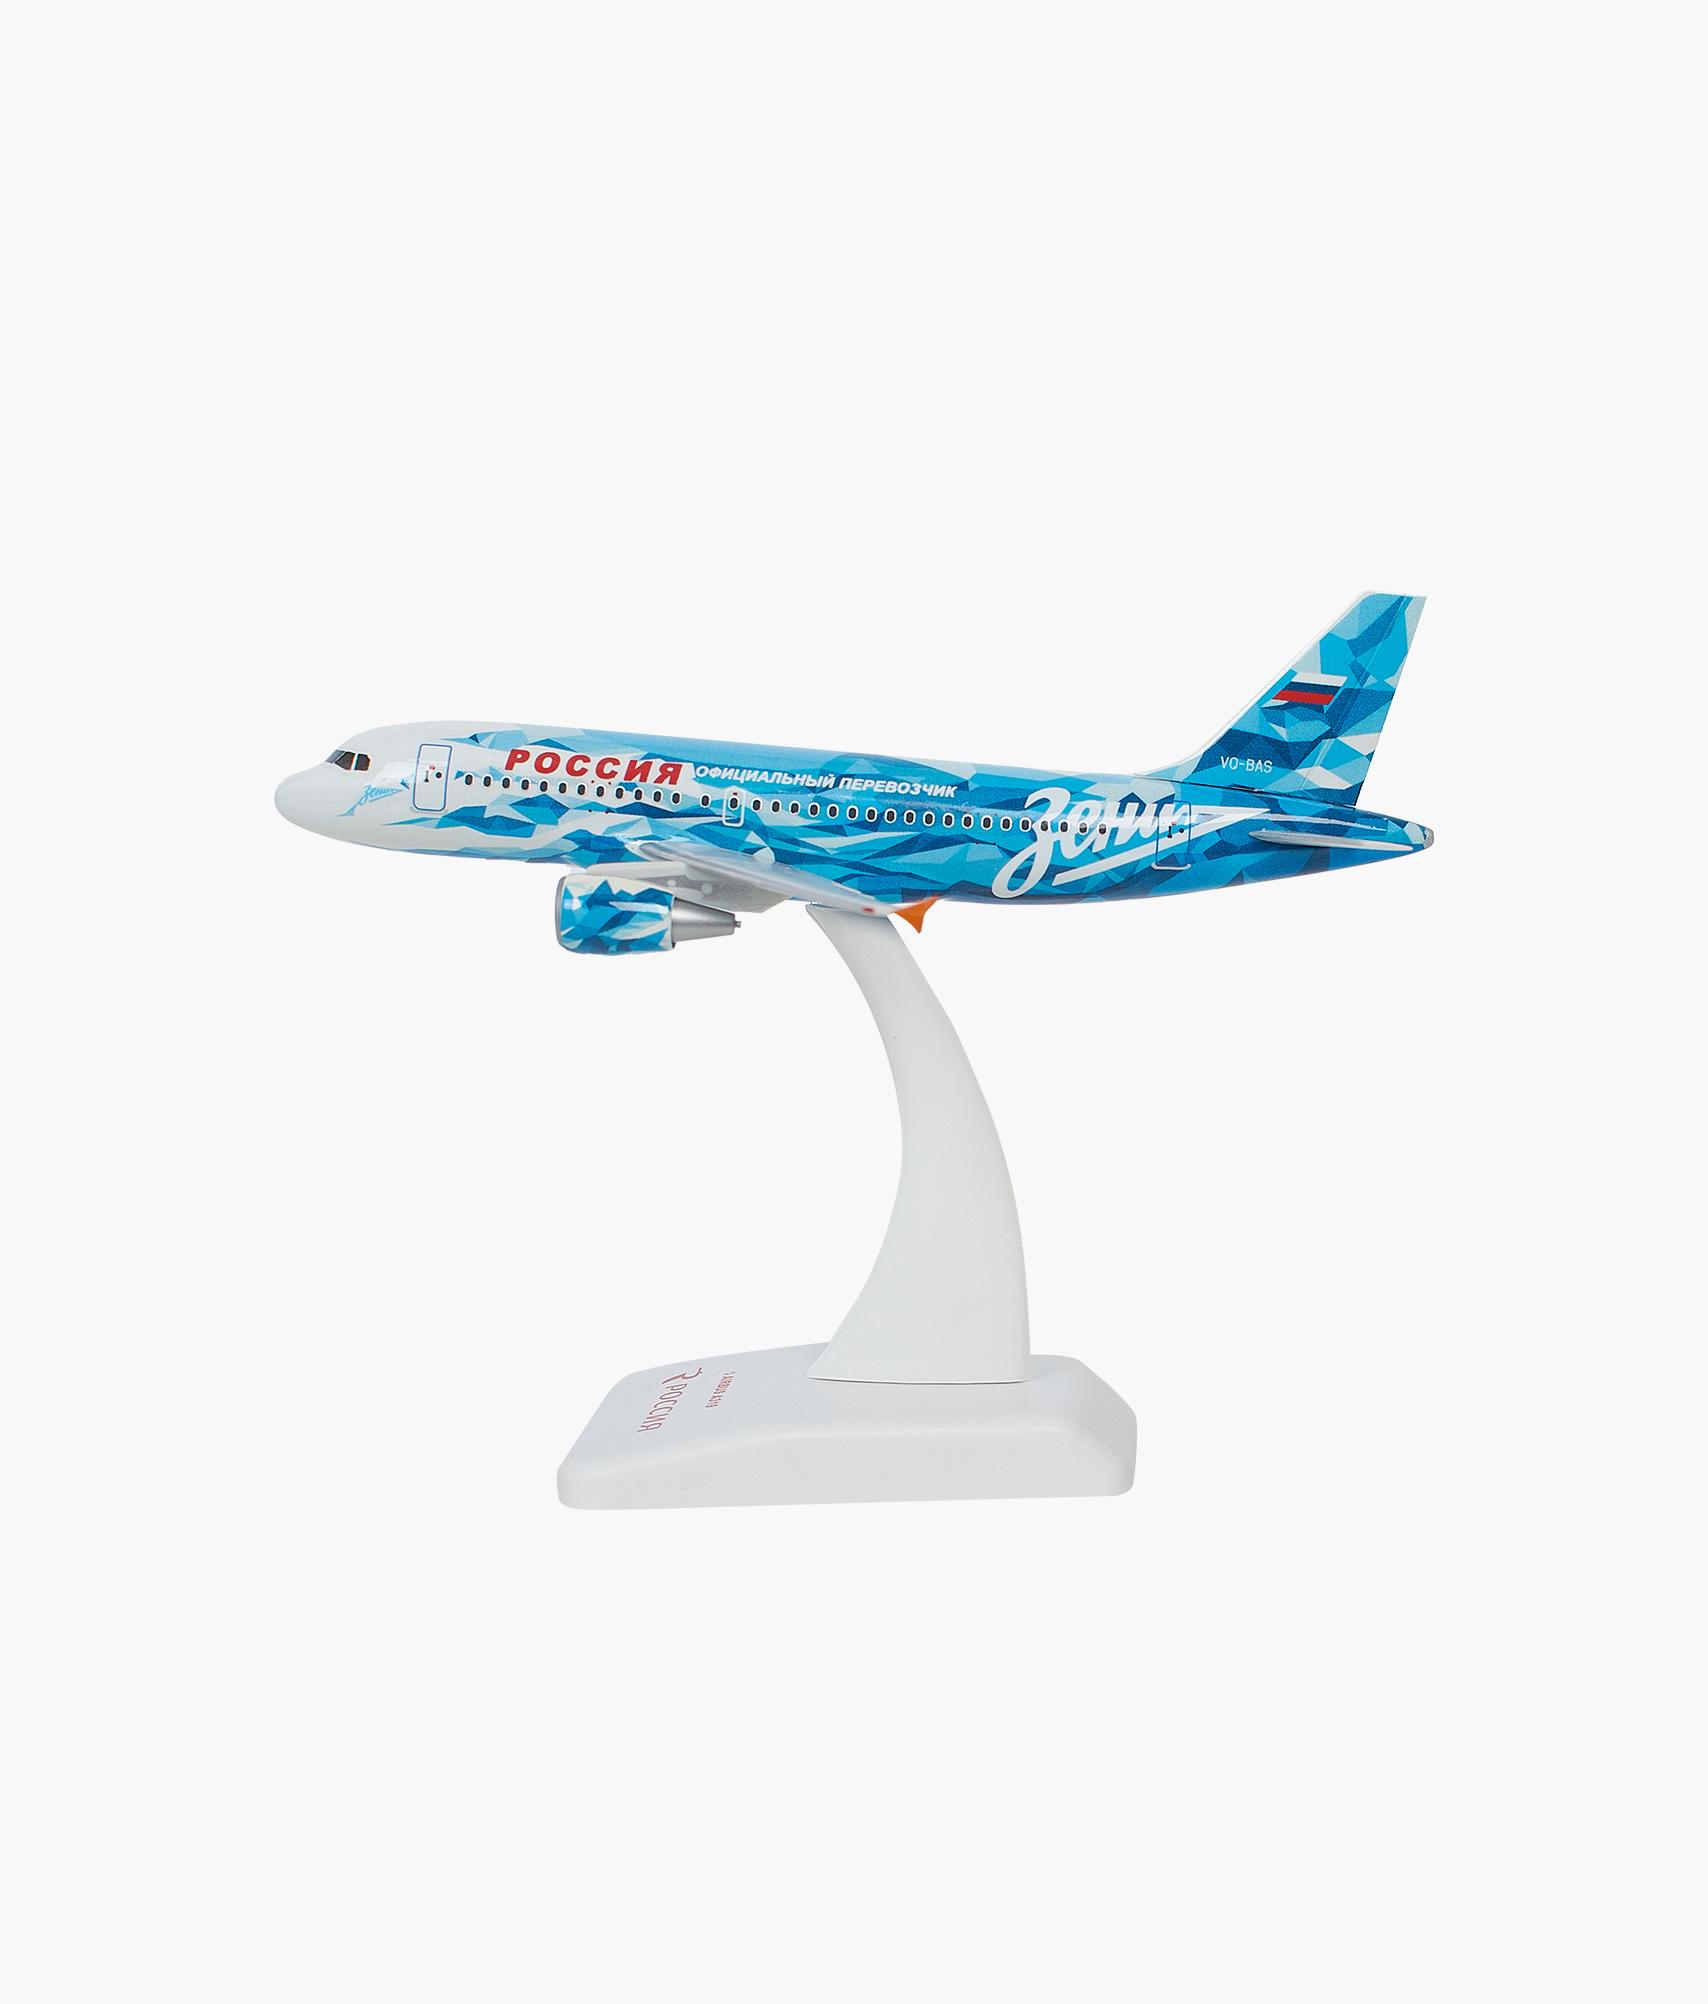 Модель самолета Airbus А319 масштаб 1:200